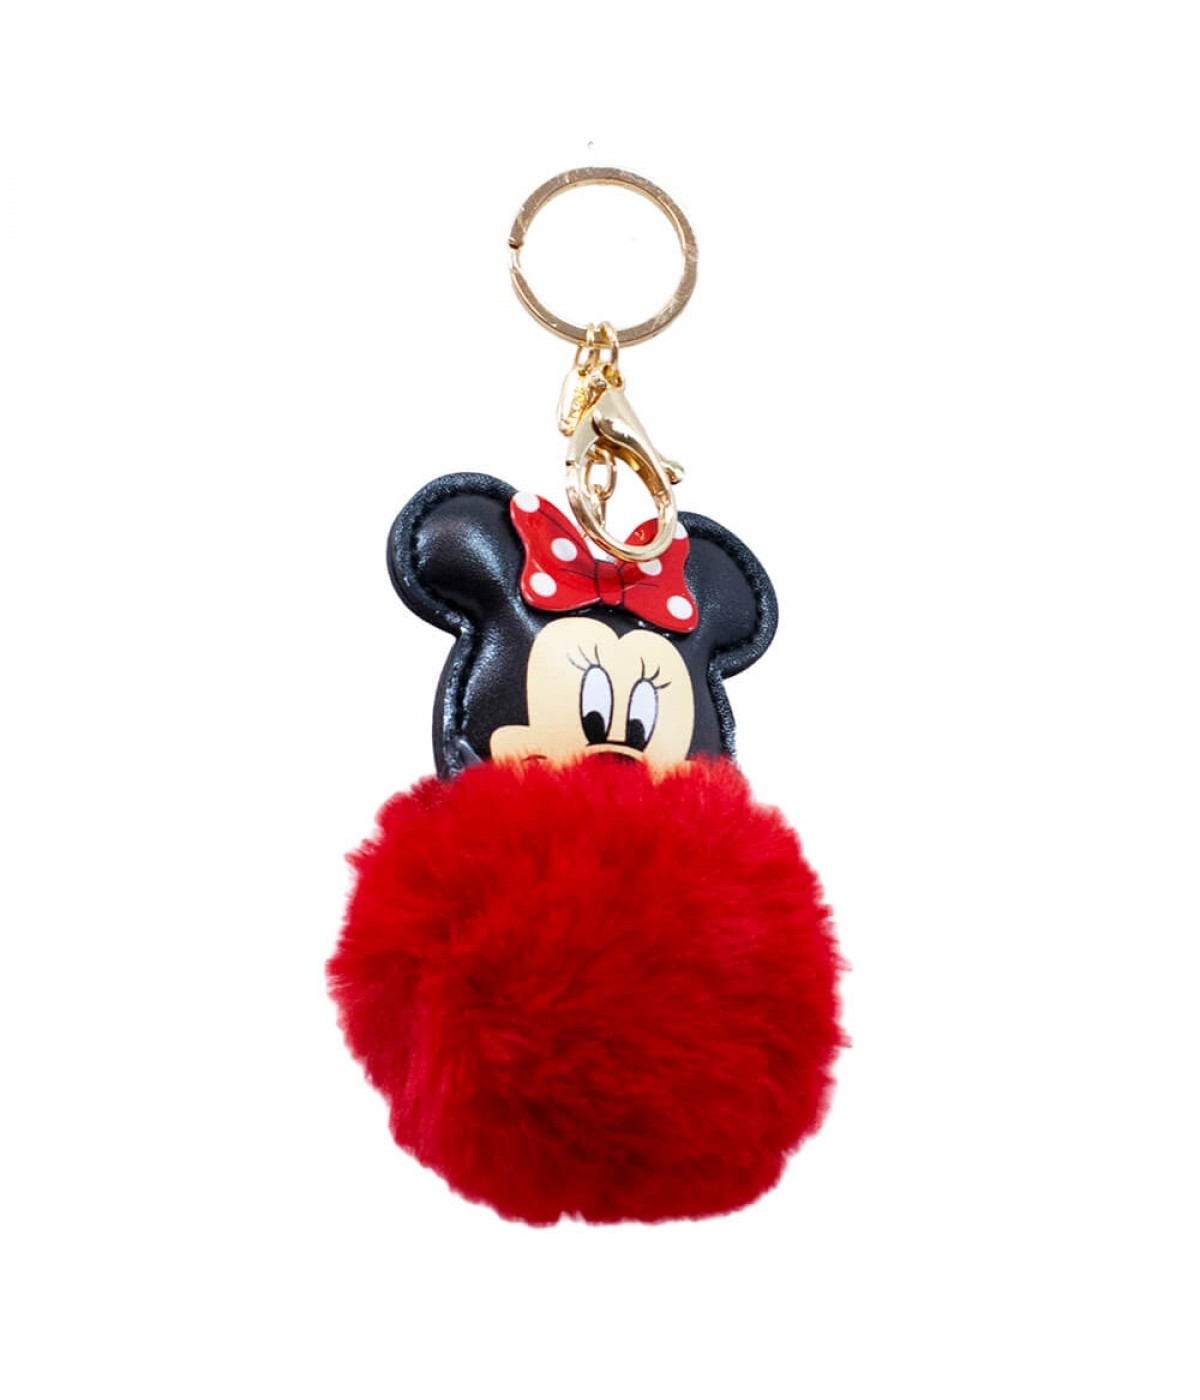 Chaveiro Minnie Pom Pom Vermelho 11.5cm - Disney